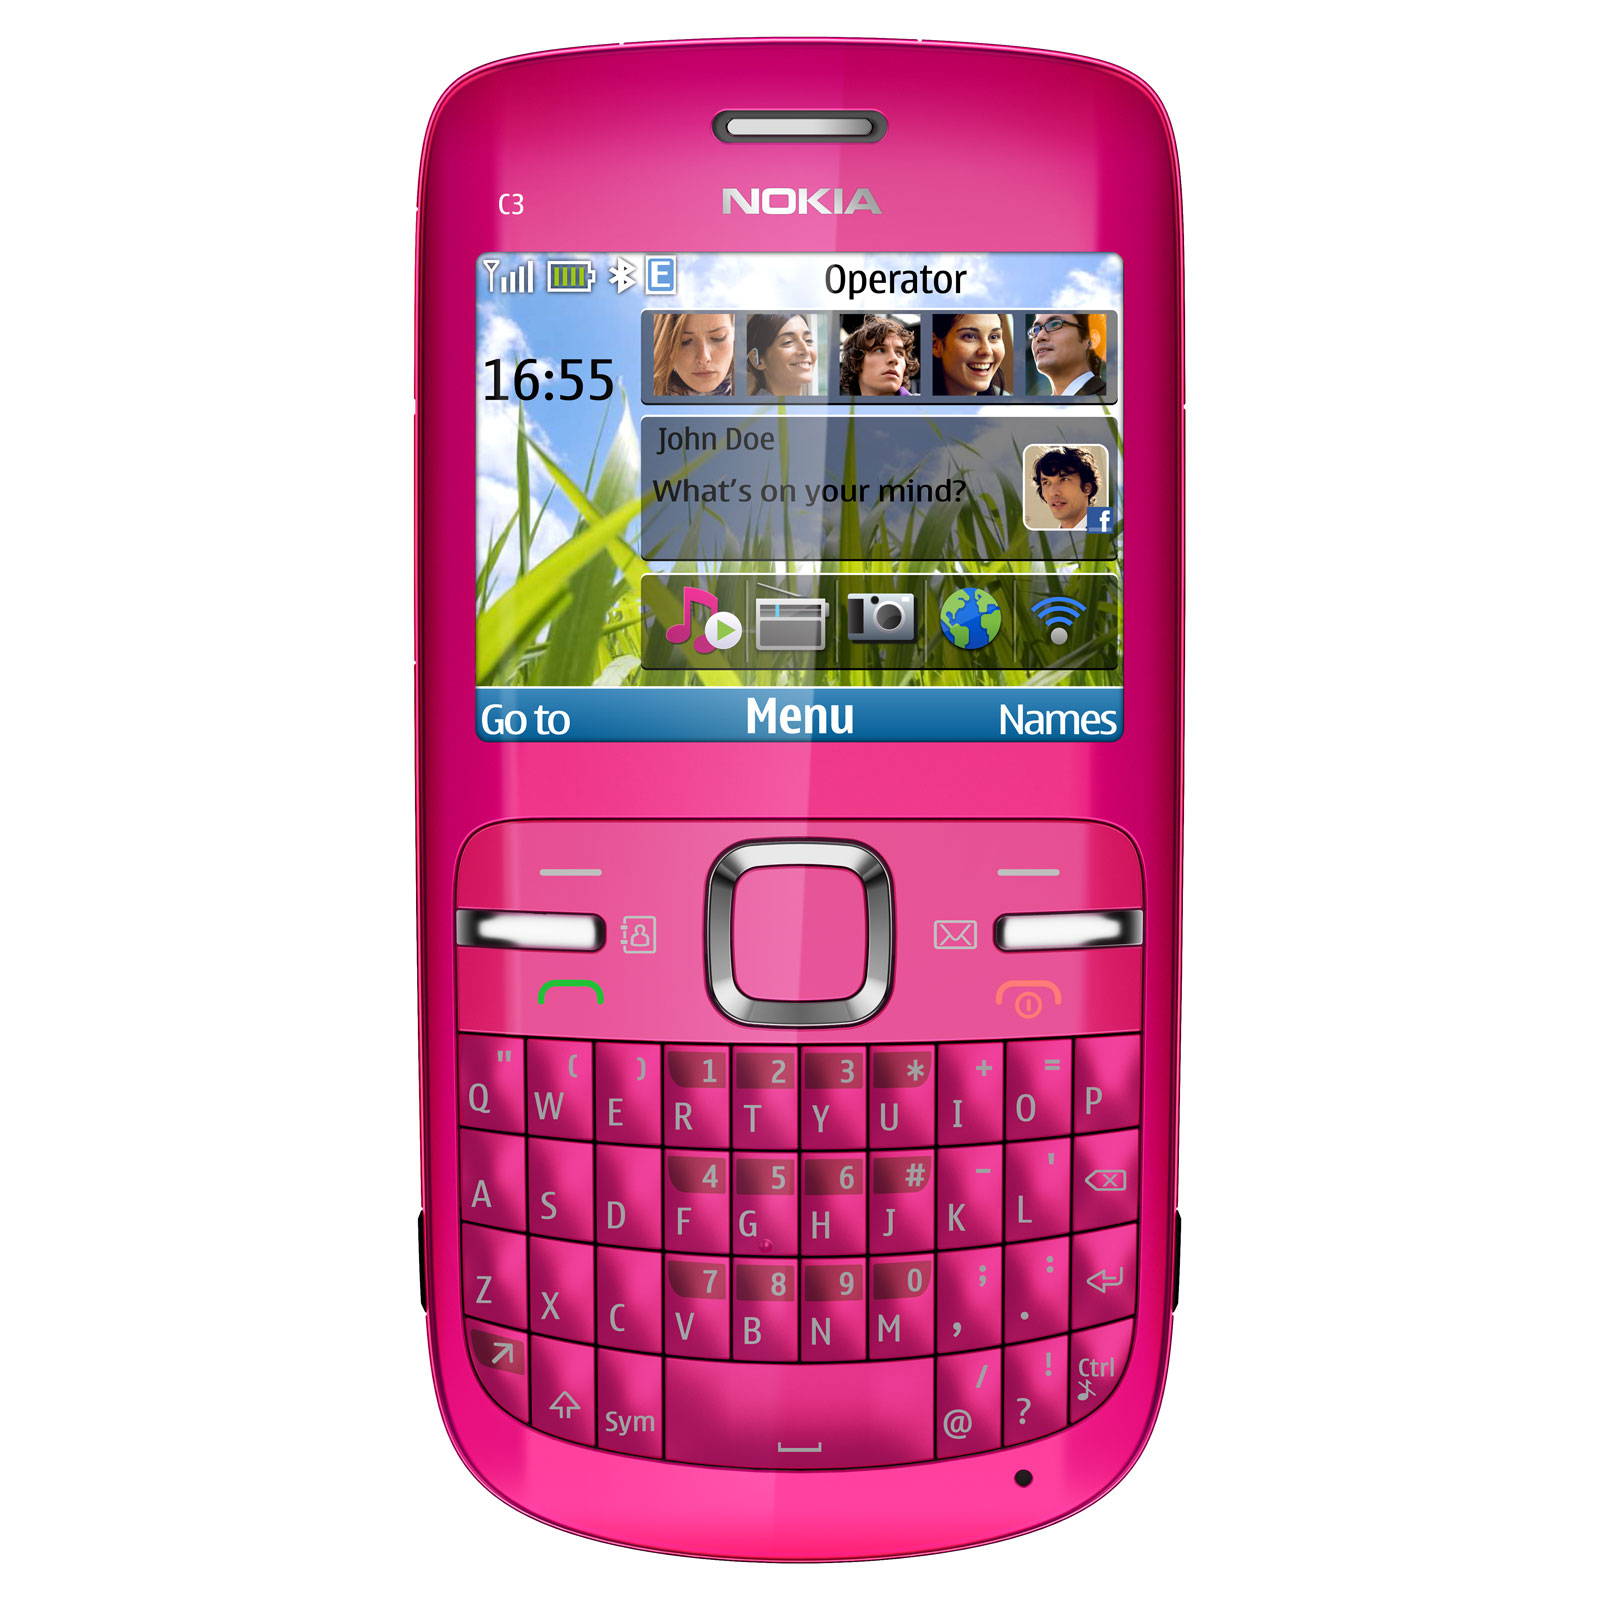 nokia c3 00 rose mobile smartphone nokia sur ldlc. Black Bedroom Furniture Sets. Home Design Ideas